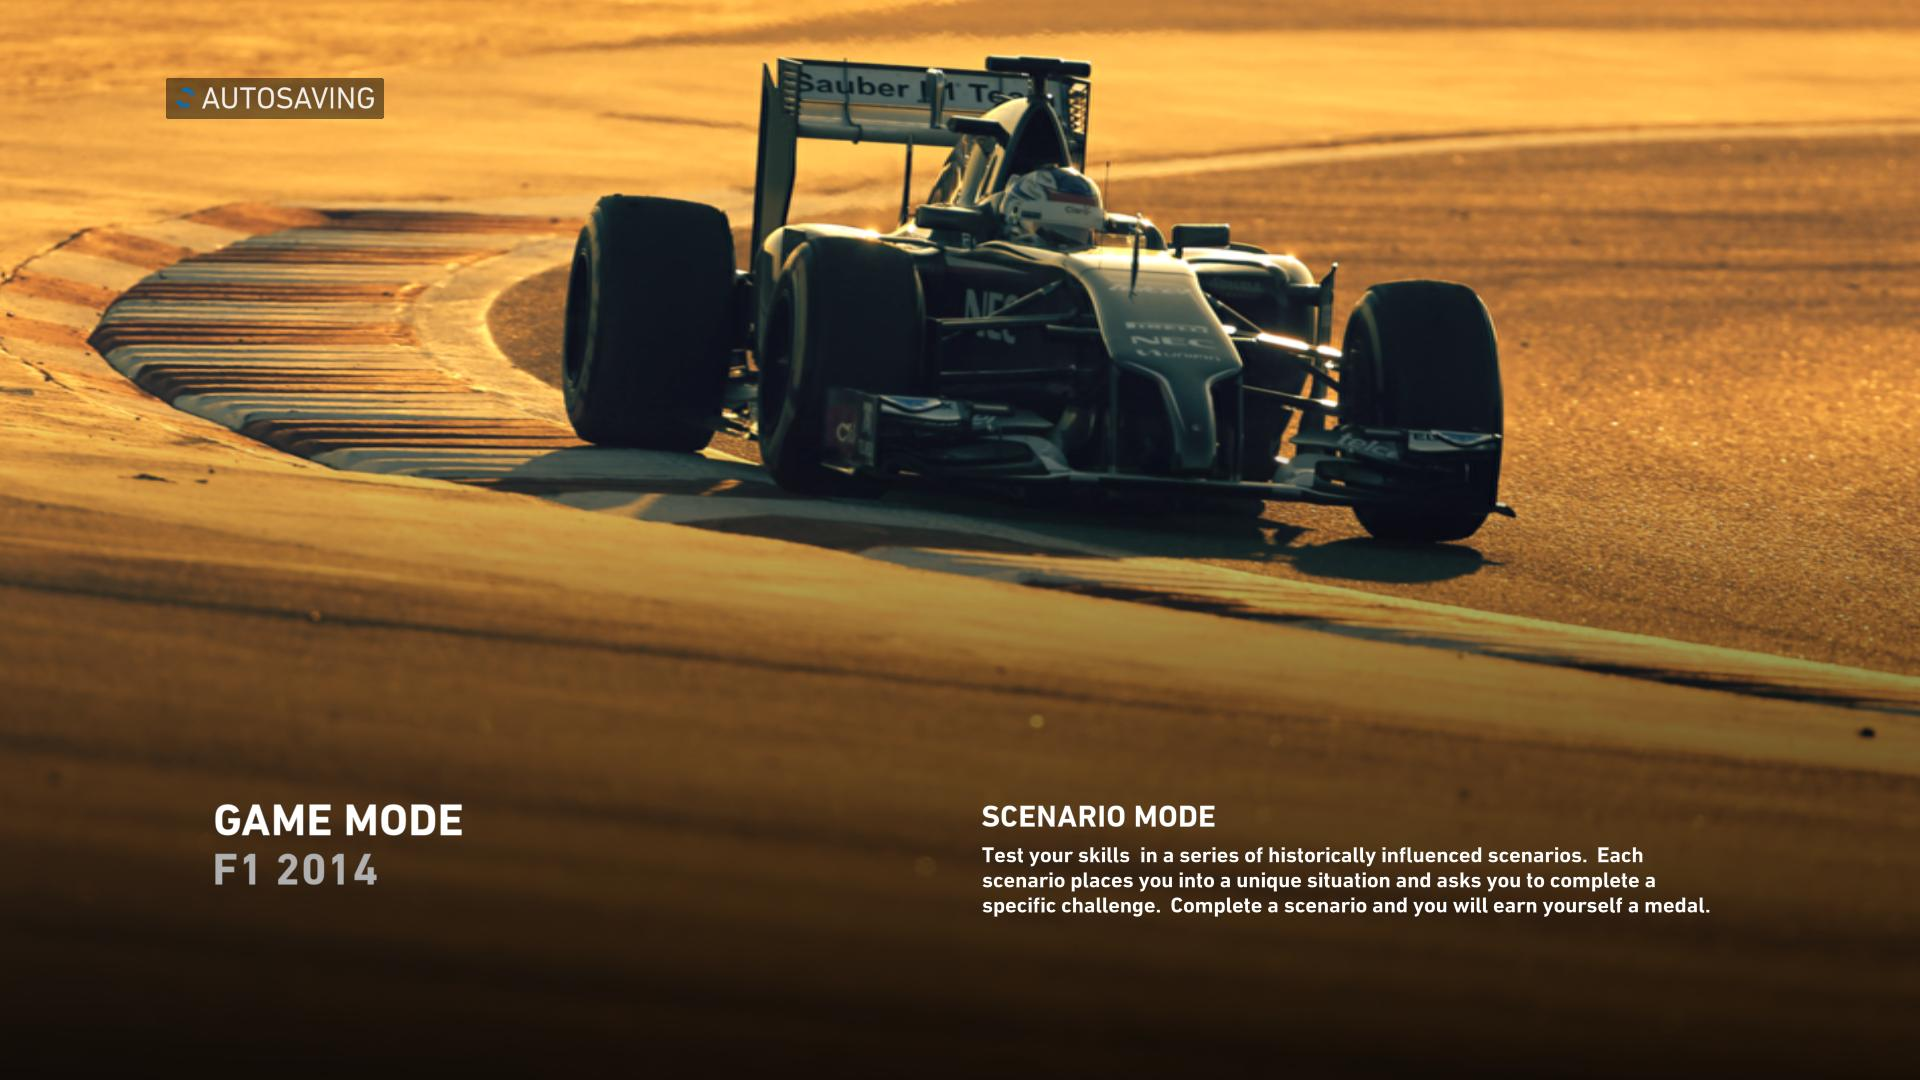 F1 2014 Loading Screen #15